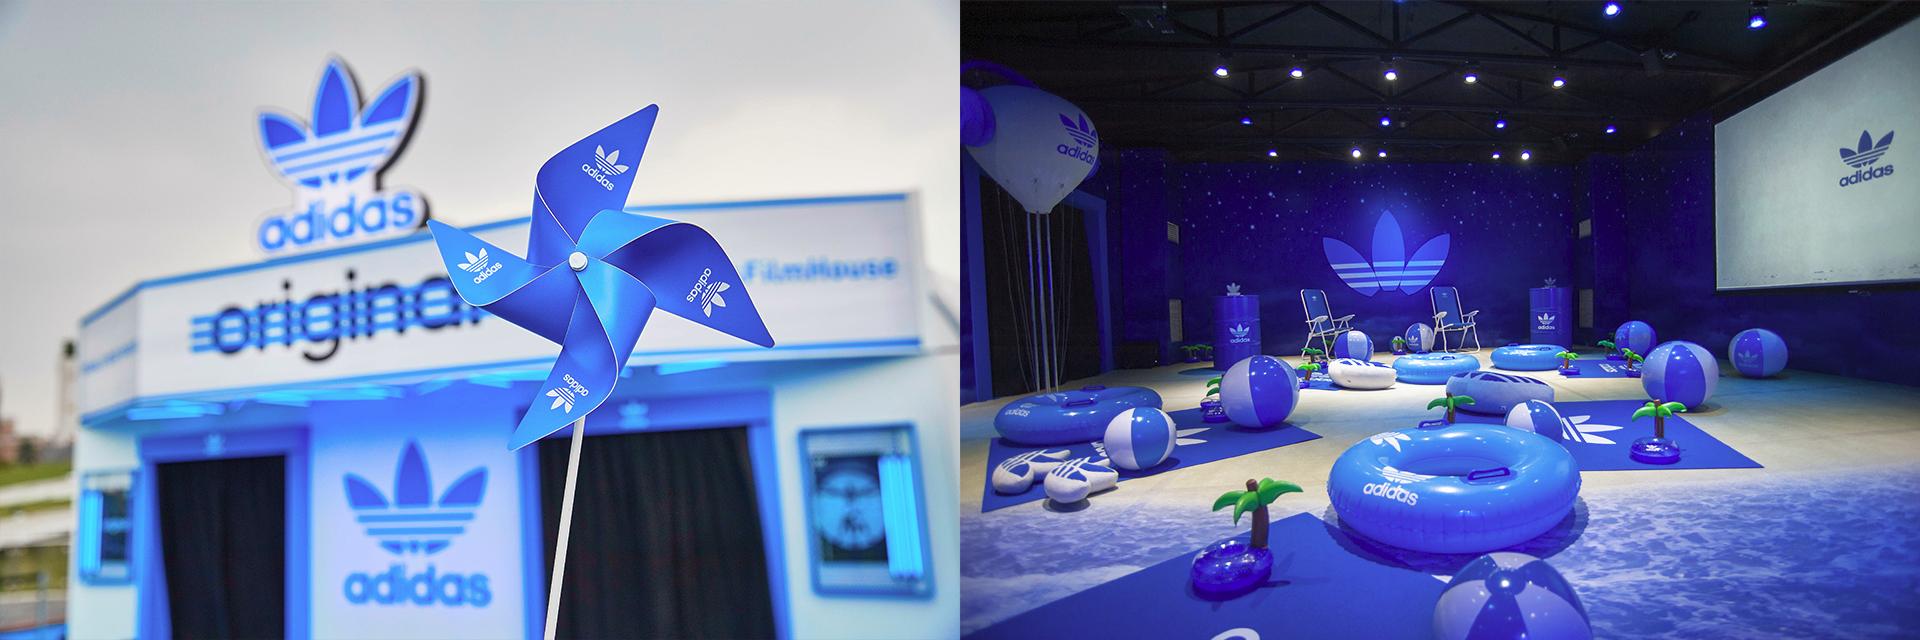 朝聖機會只剩這次!藍色潮流襲捲全台的「三片葉巡迴電影院」最終站台北華山!加碼推出限定版神秘藍色風車裝置!